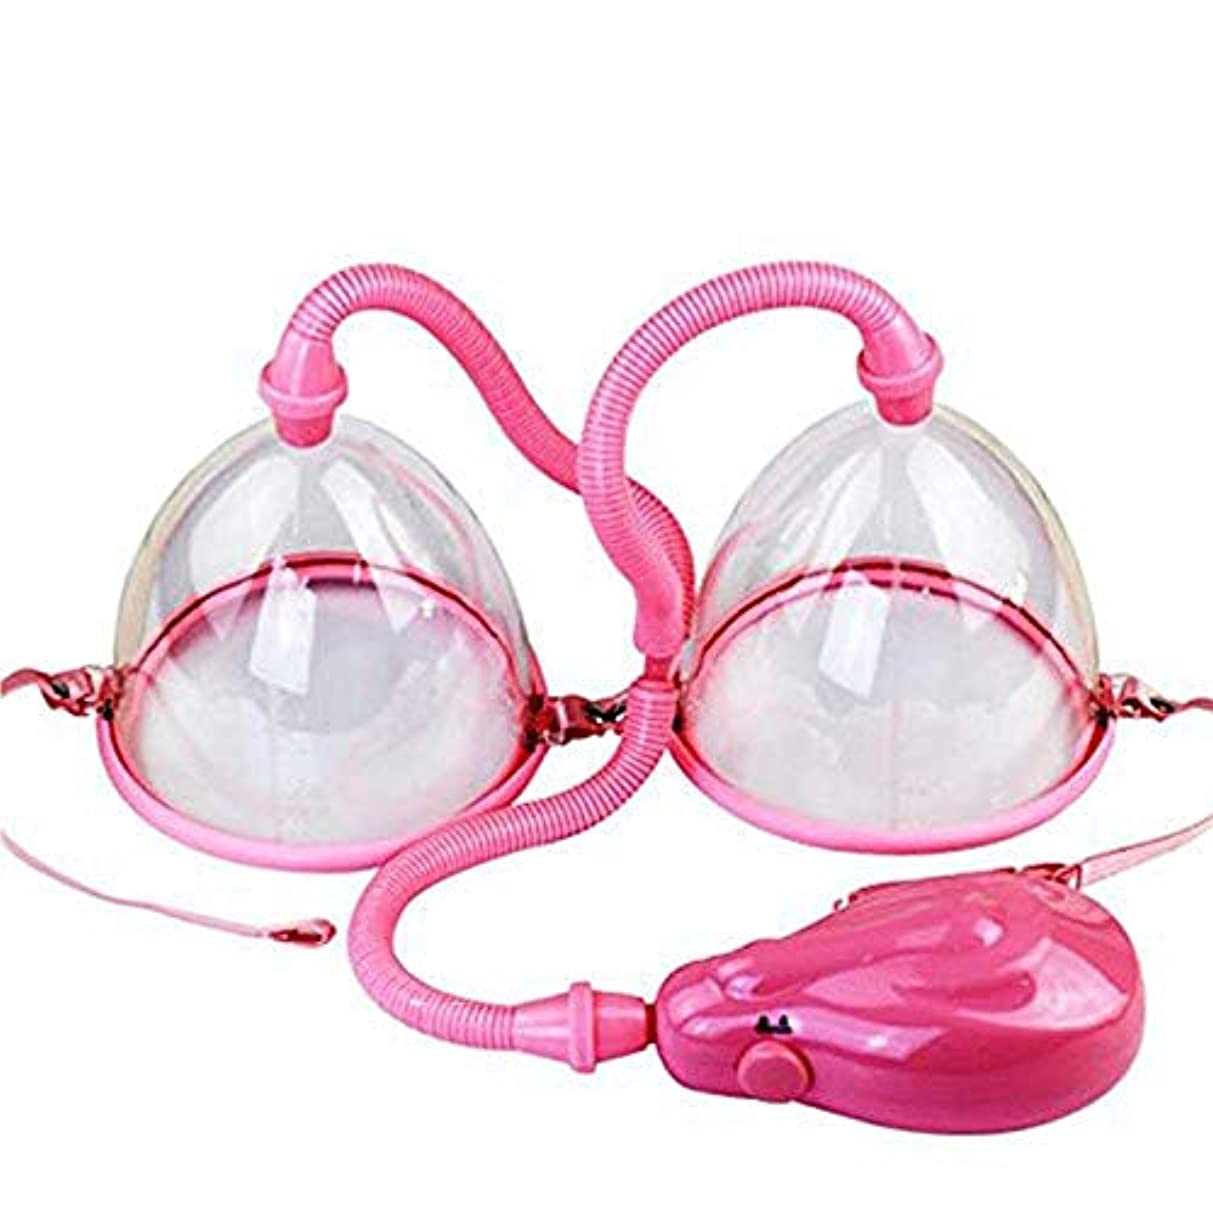 疑問を超えてトリプル武器電動乳房マッサージバキュームカップ乳房拡大ポンプ乳首吸盤巨乳ベラマストアップ振動ブラジャー拡大強化